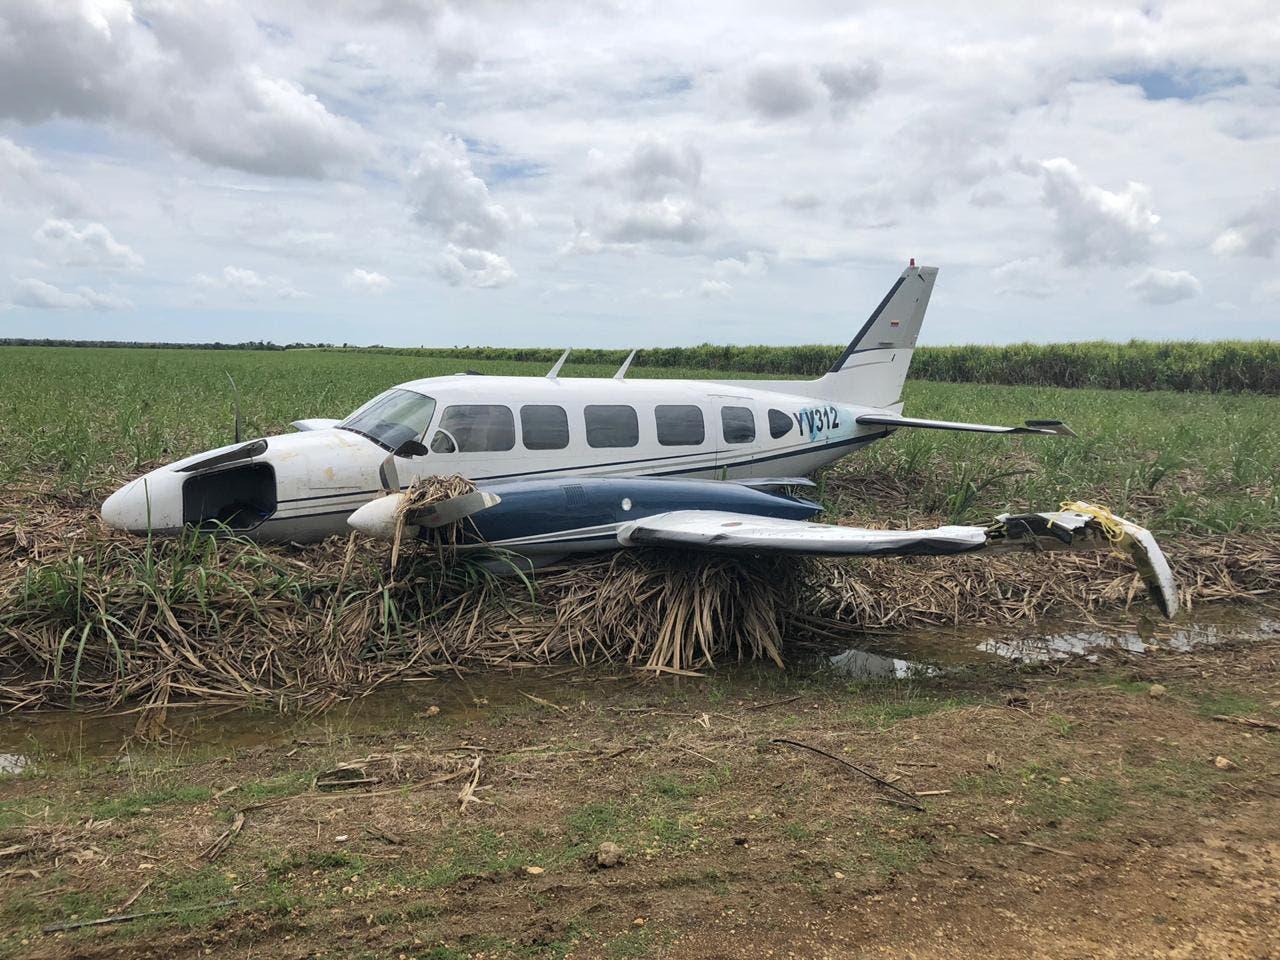 Investigan avioneta salió de Venezuela y aterrizó de manera irregular en área cañera de La Altagracia